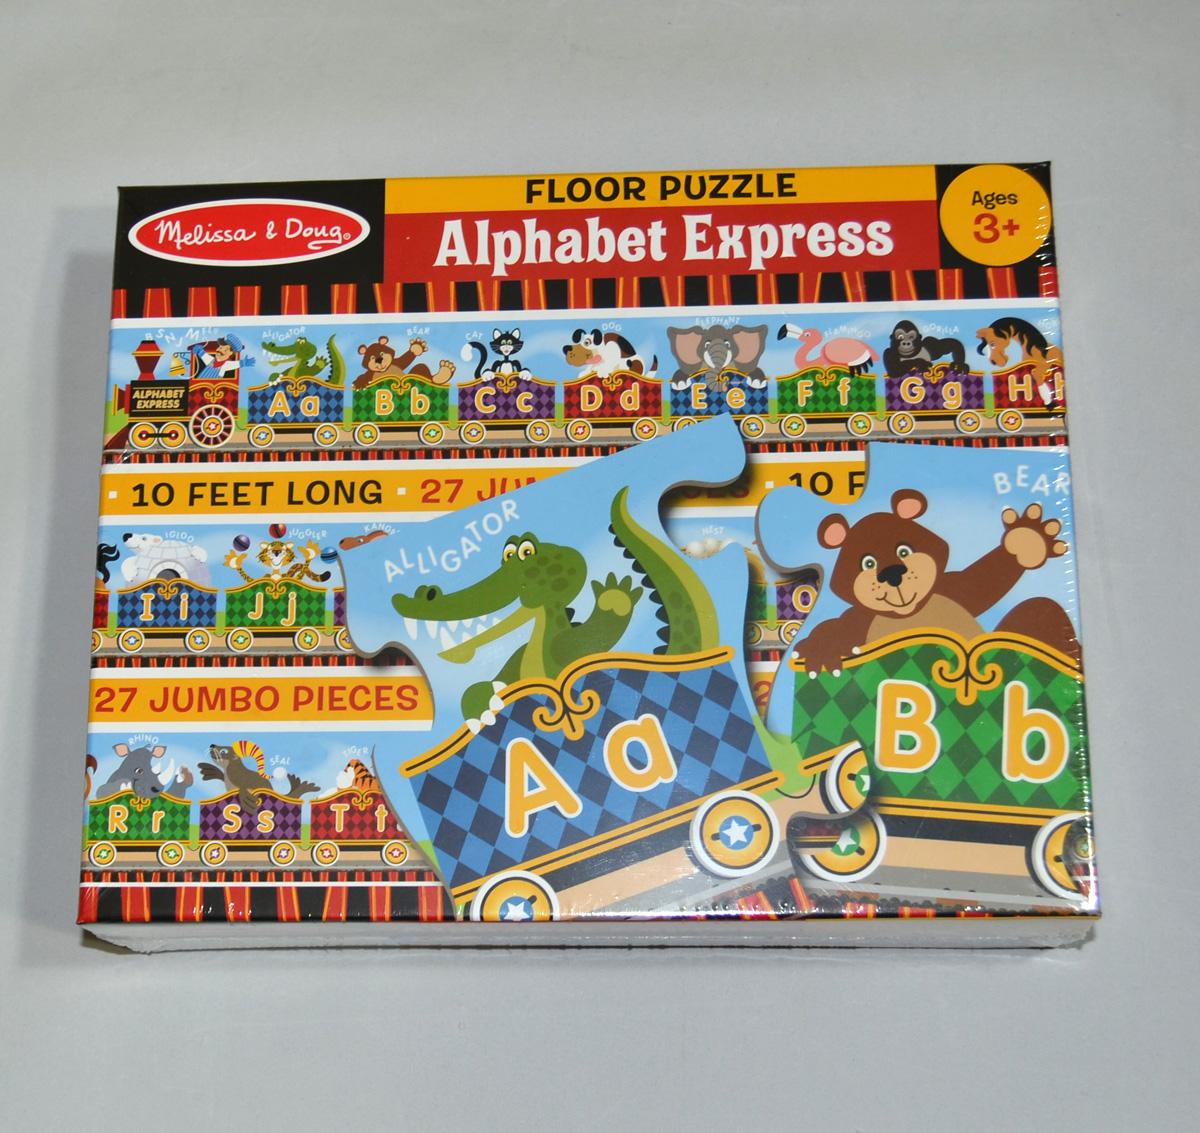 Melissa Doug Floor Puzzle Alphabet Express - Melissa and doug floor puzzle